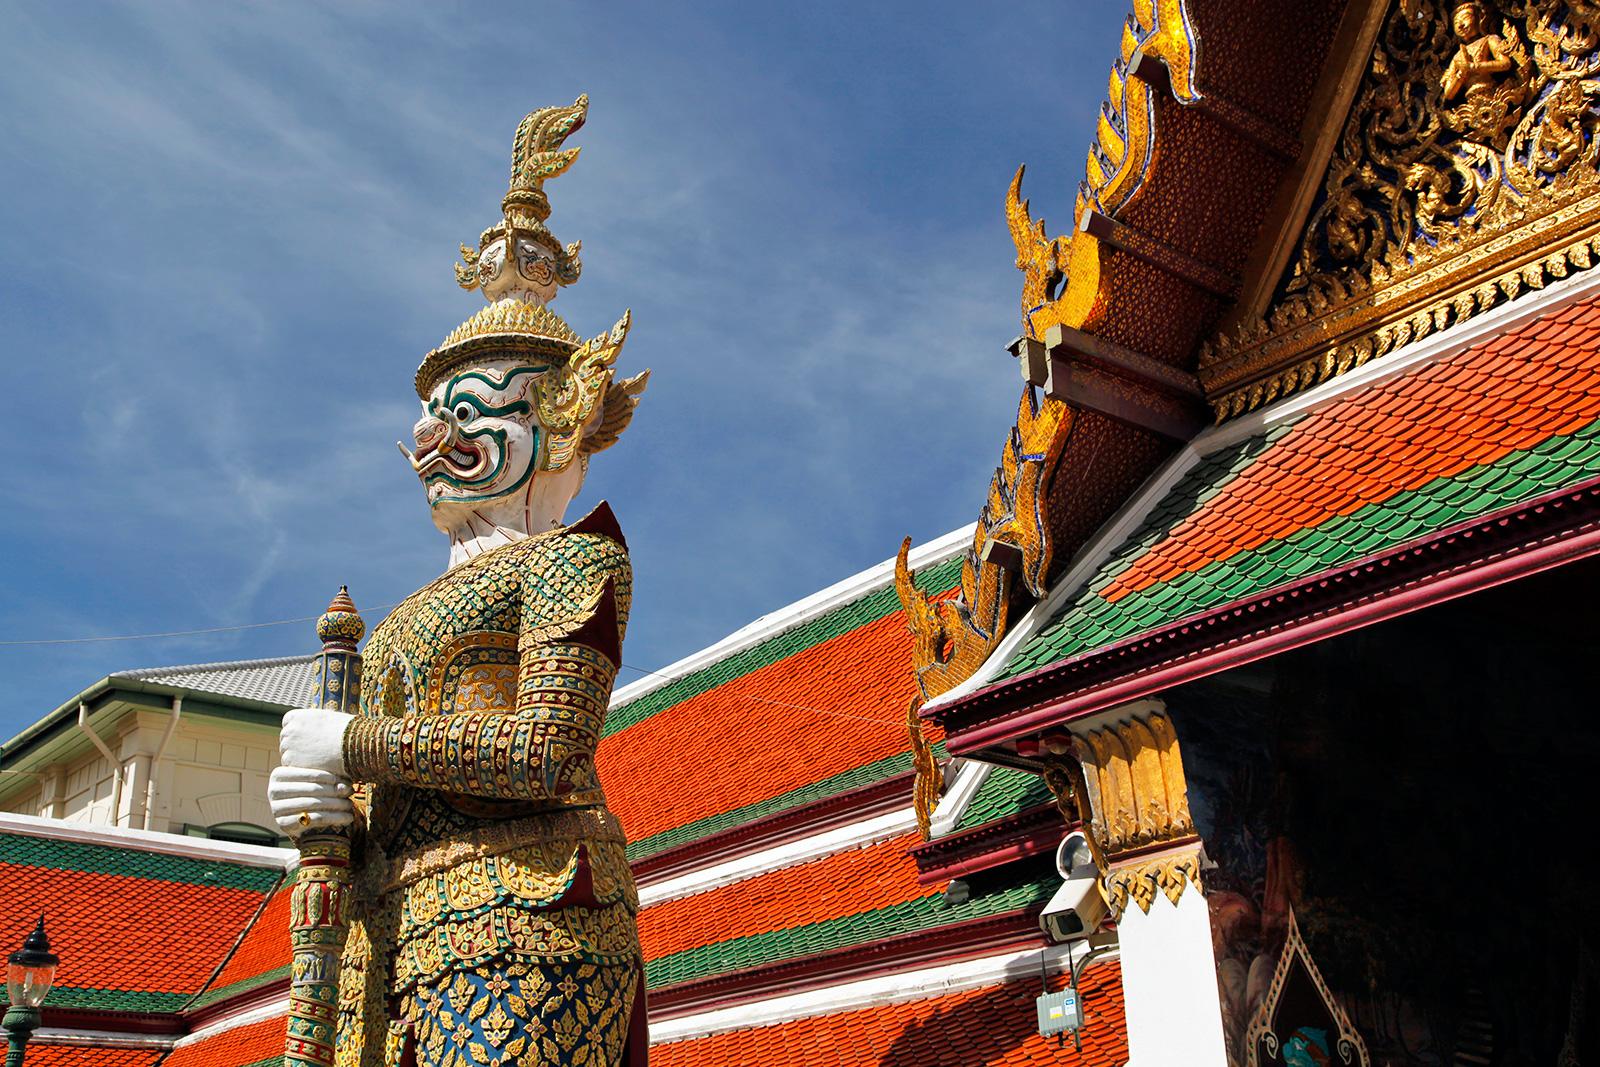 tempels-bangkok-thailand-1